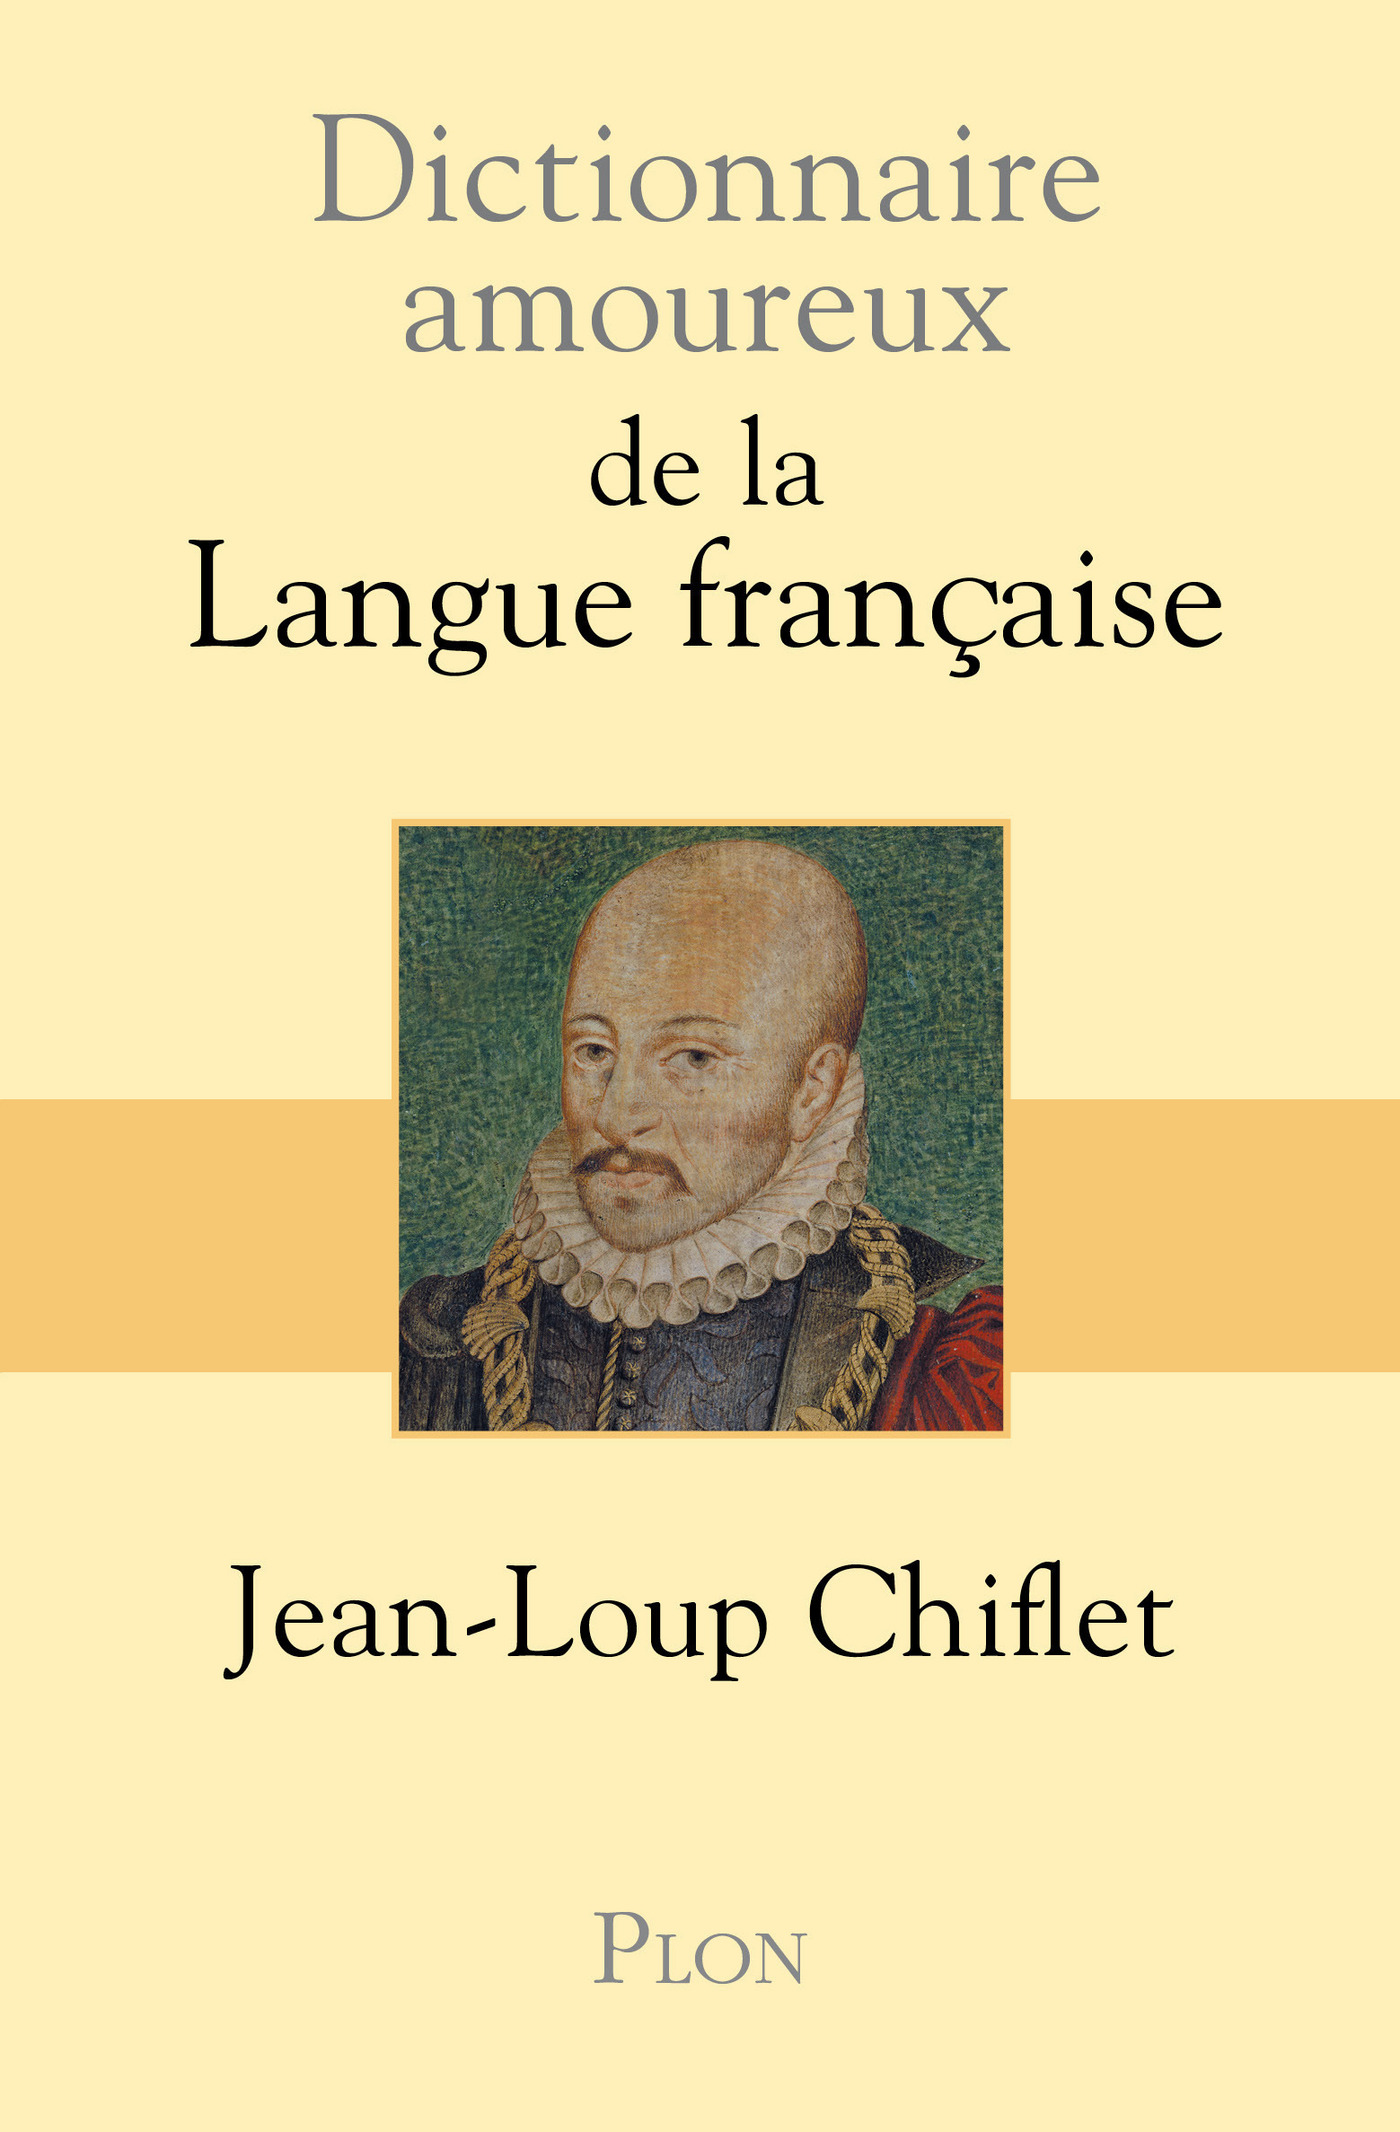 Dictionnaire amoureux de la langue française